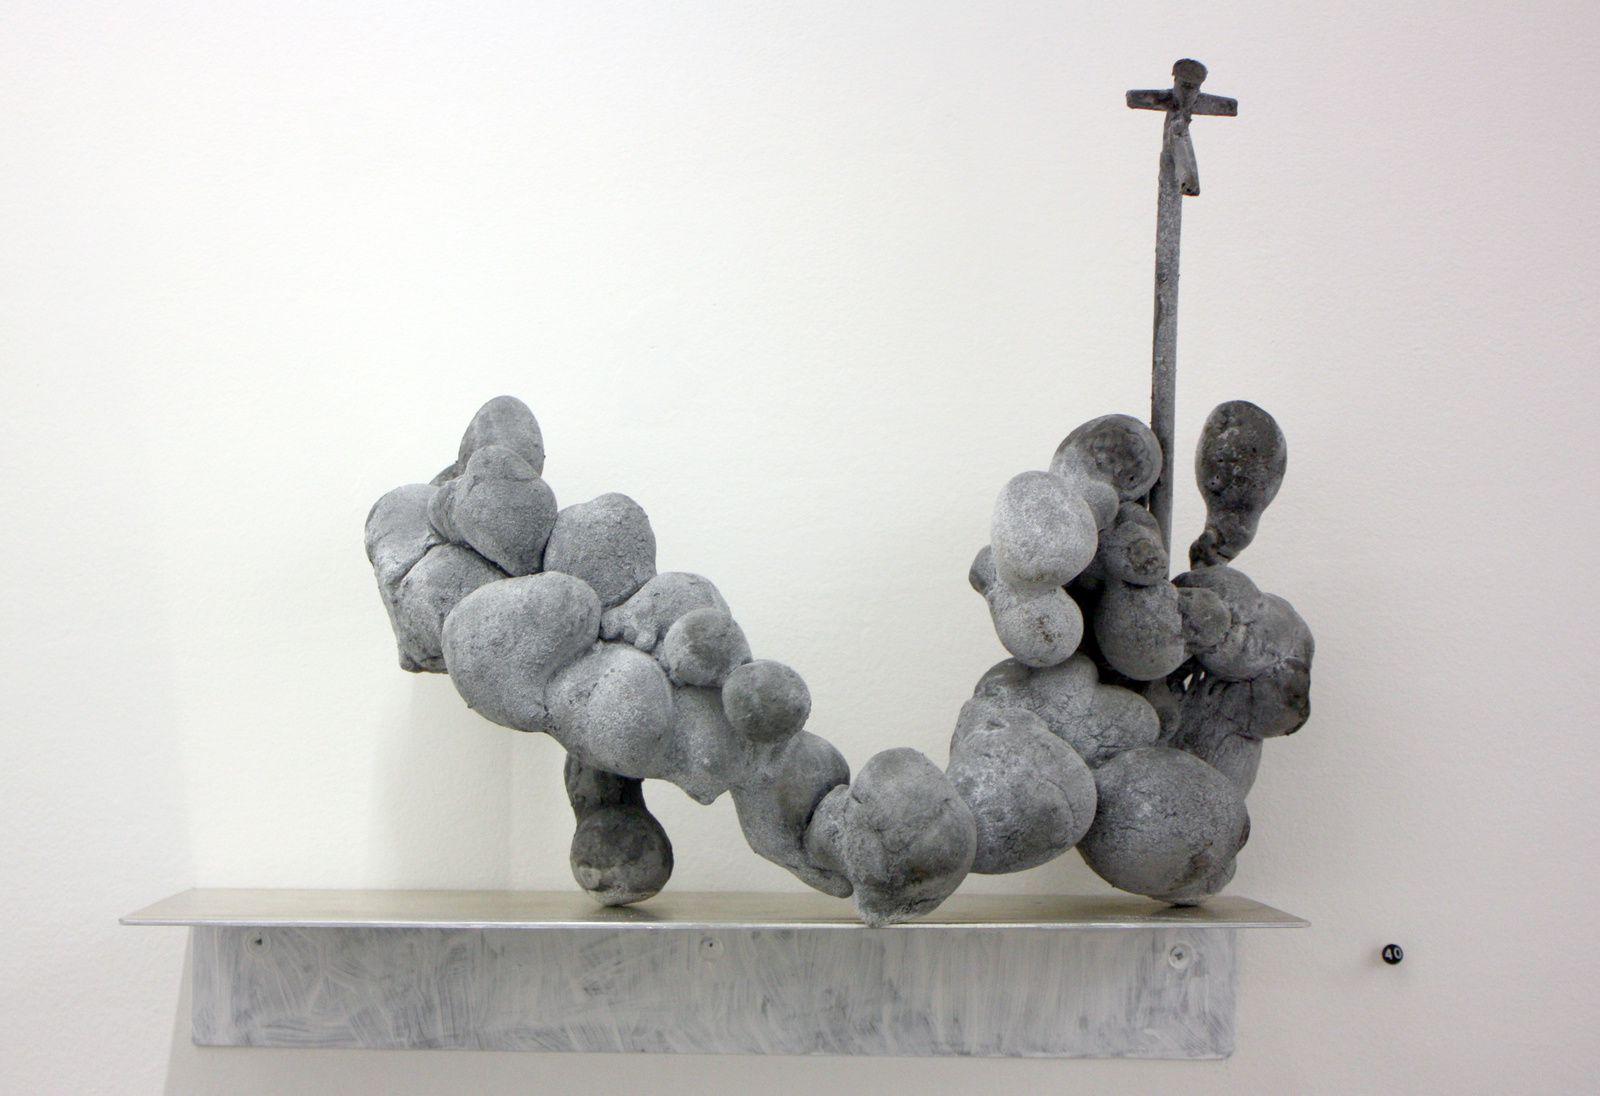 L'Hippocampe, 2014 de Konrad LODER